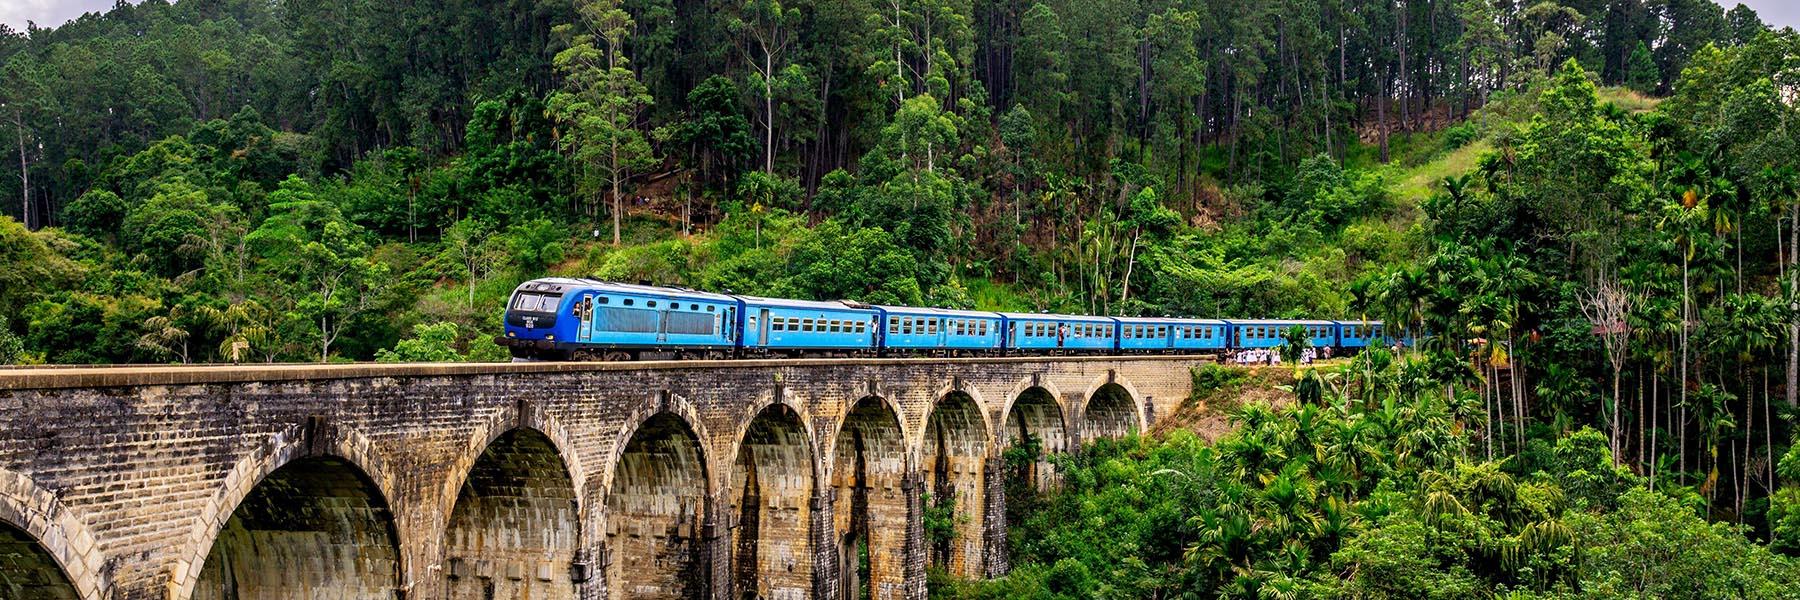 Sri Lanka Scenic Tour